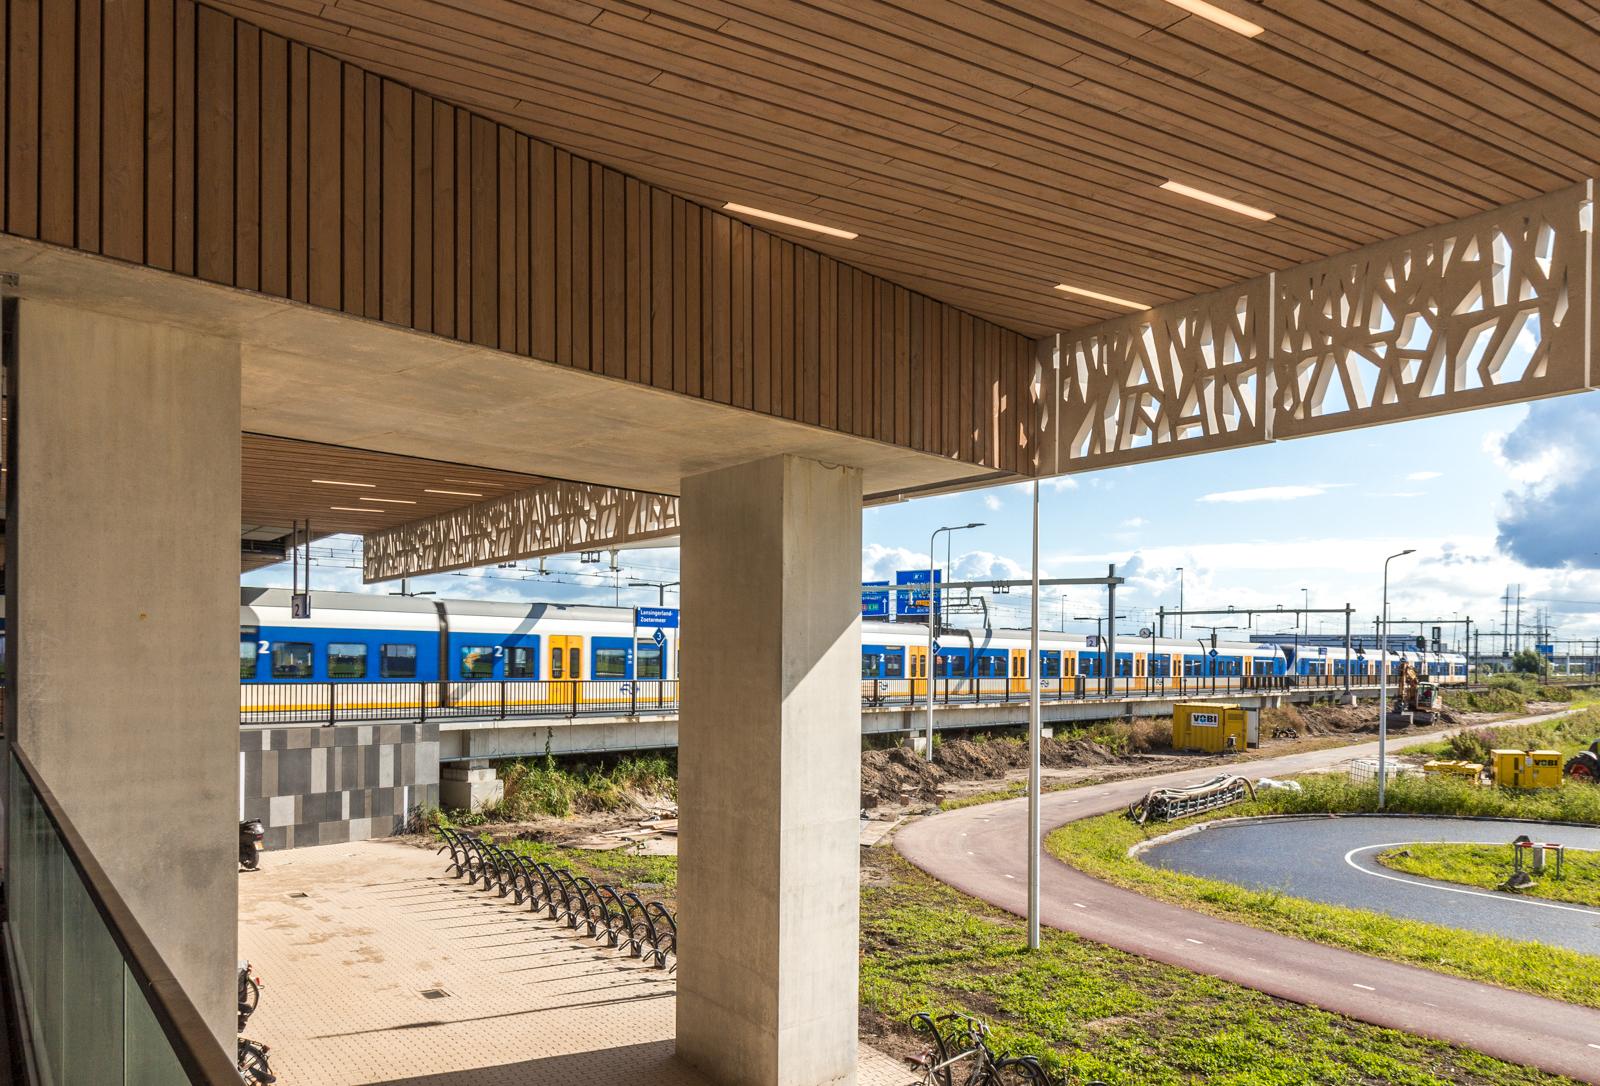 station-lansingerland-zoetermeer-7308